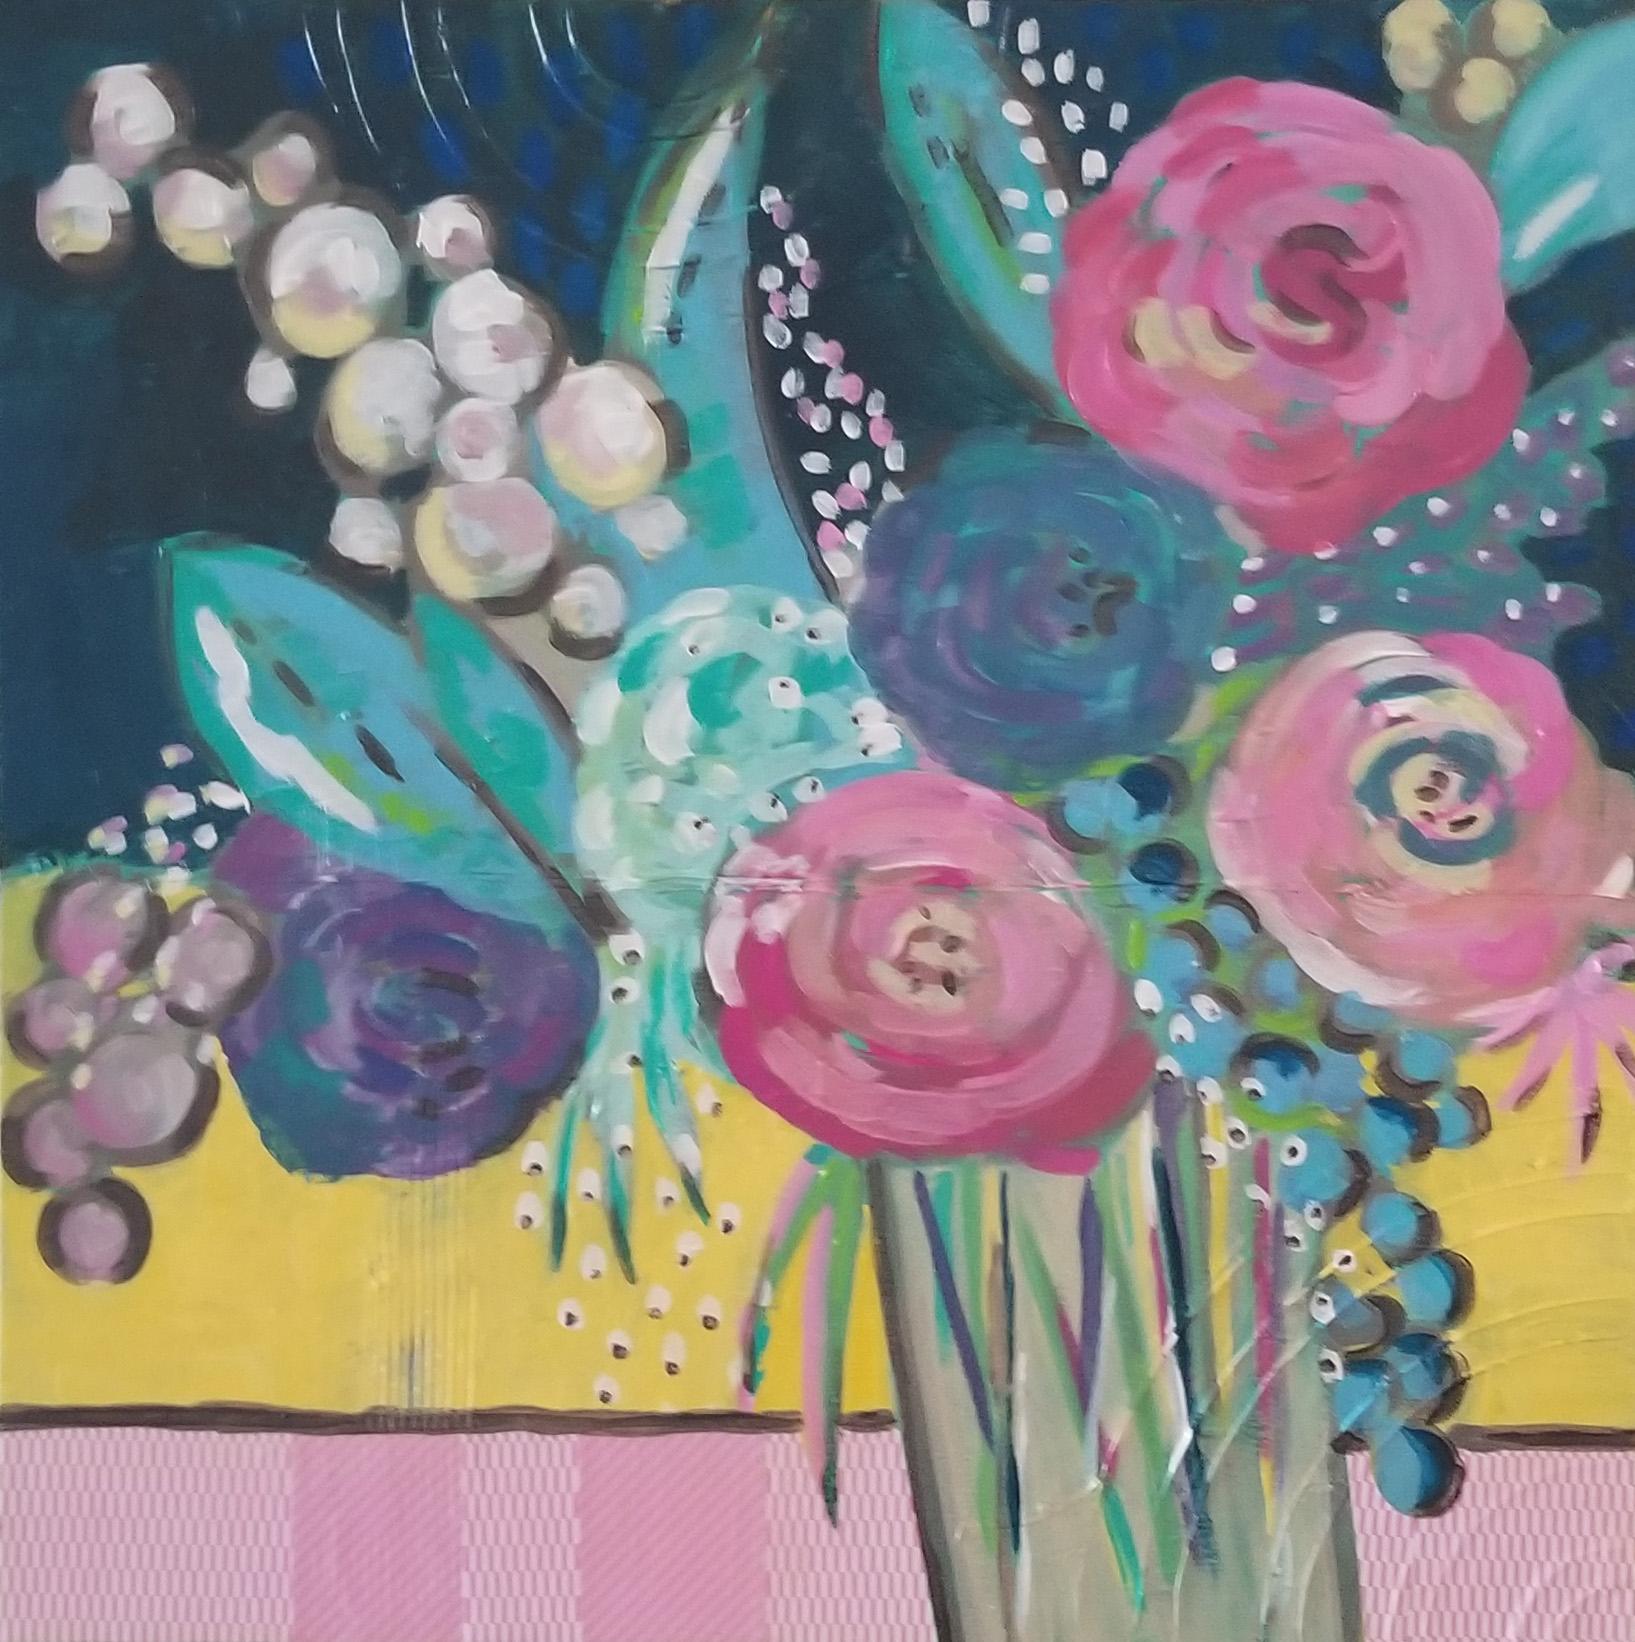 Pink&PurpleBouquet_24x24_LG